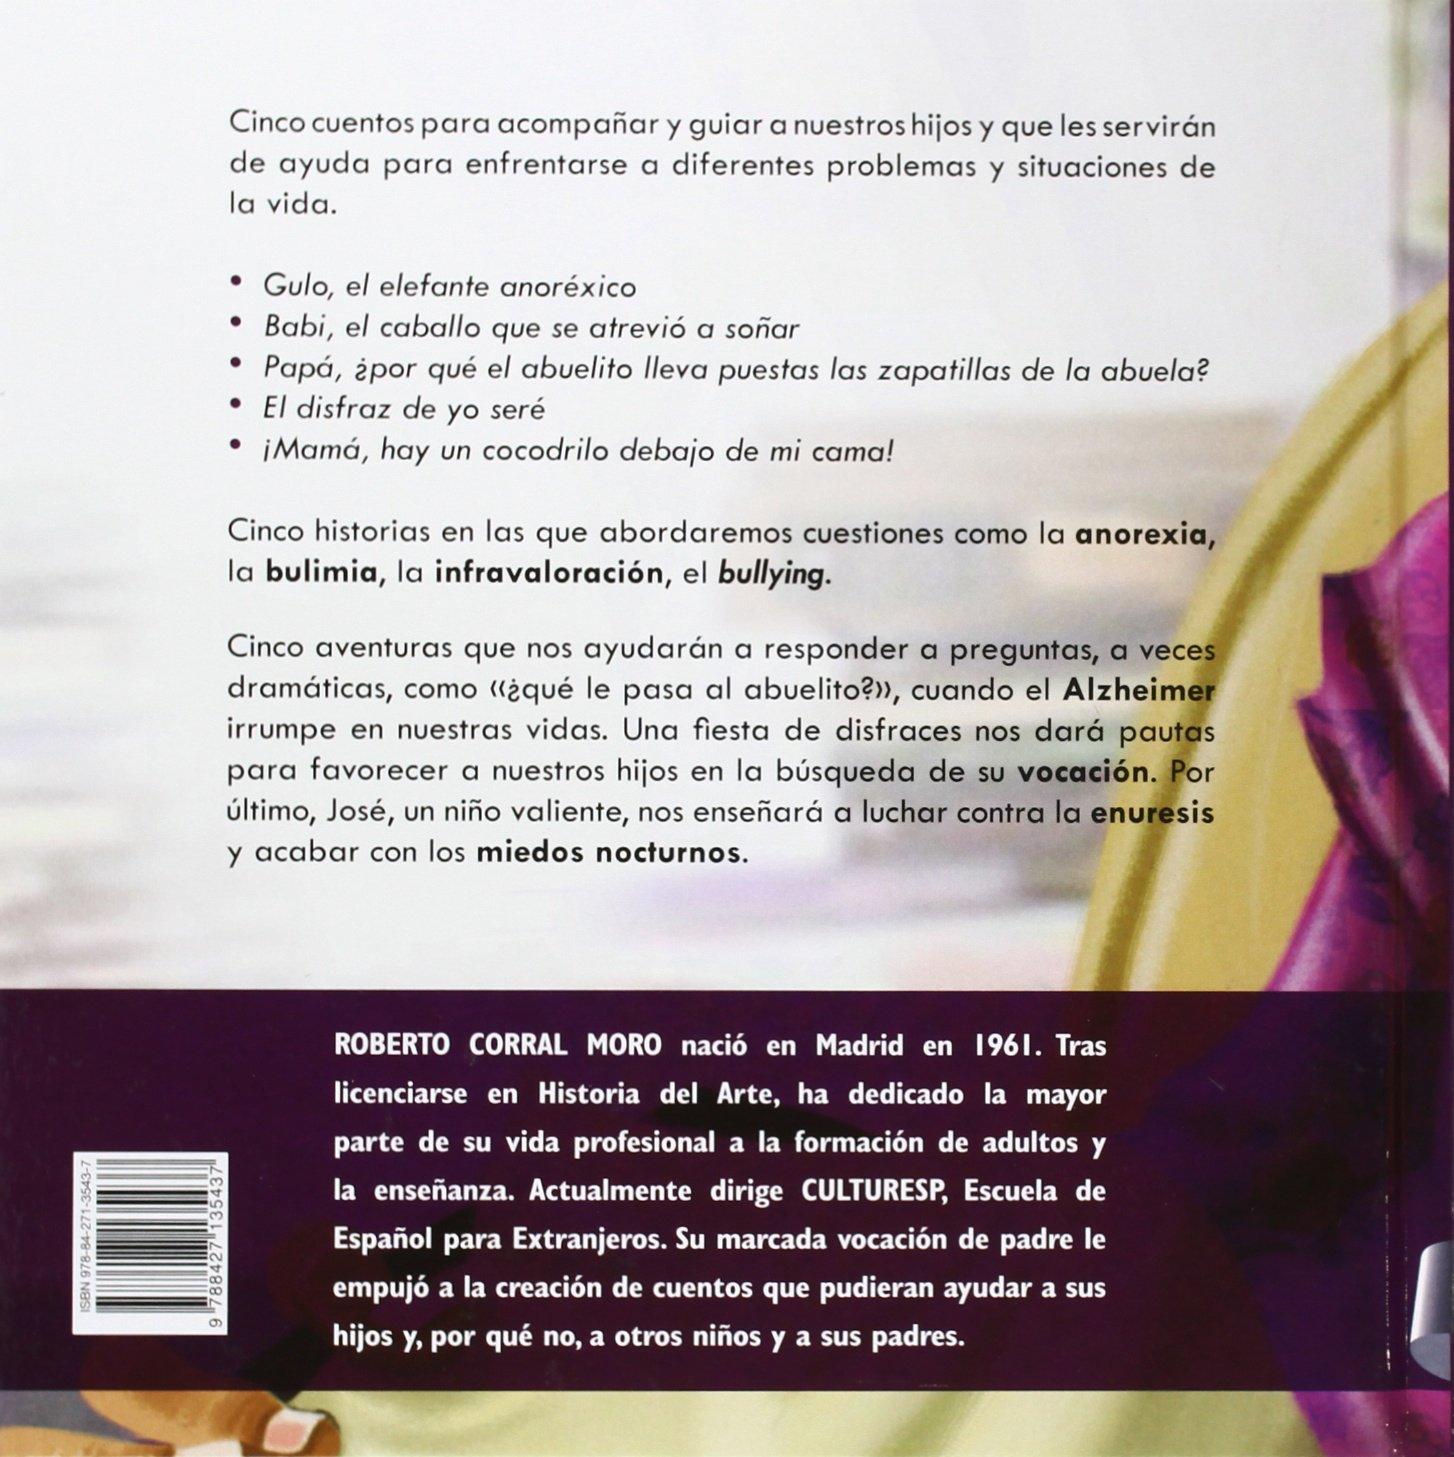 Gulo, el elefante anoréxico y otros cuentos: Roberto Corral Moro: 9788427135437: Amazon.com: Books